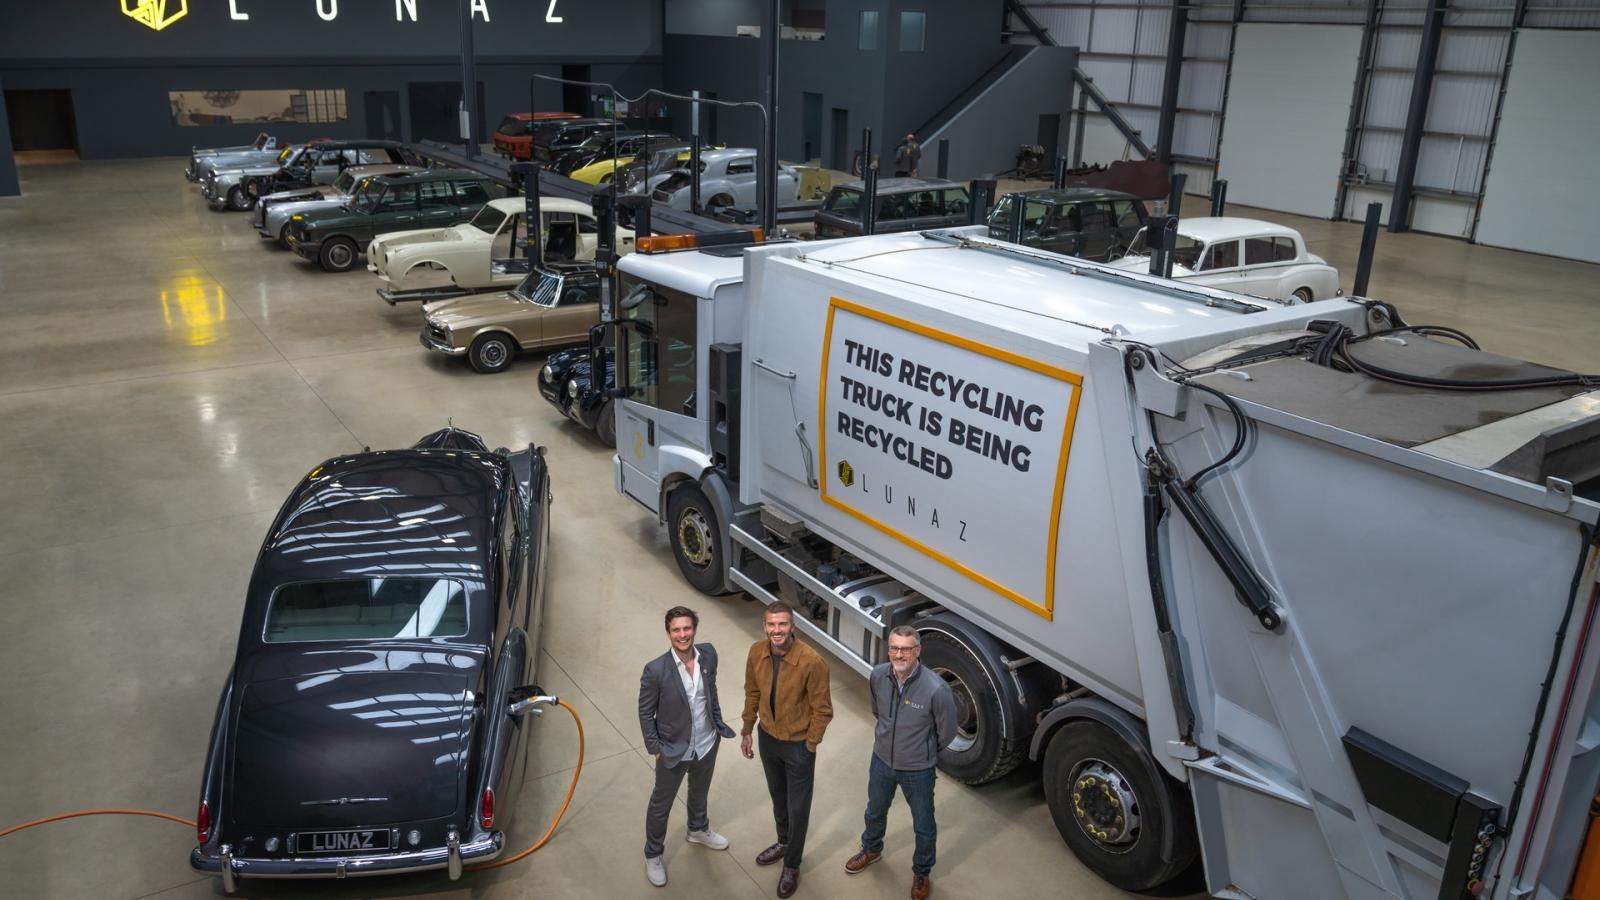 David Beckham mua 10% cổ phần của thương hiệu chuyển đổi xe điện Lunaz